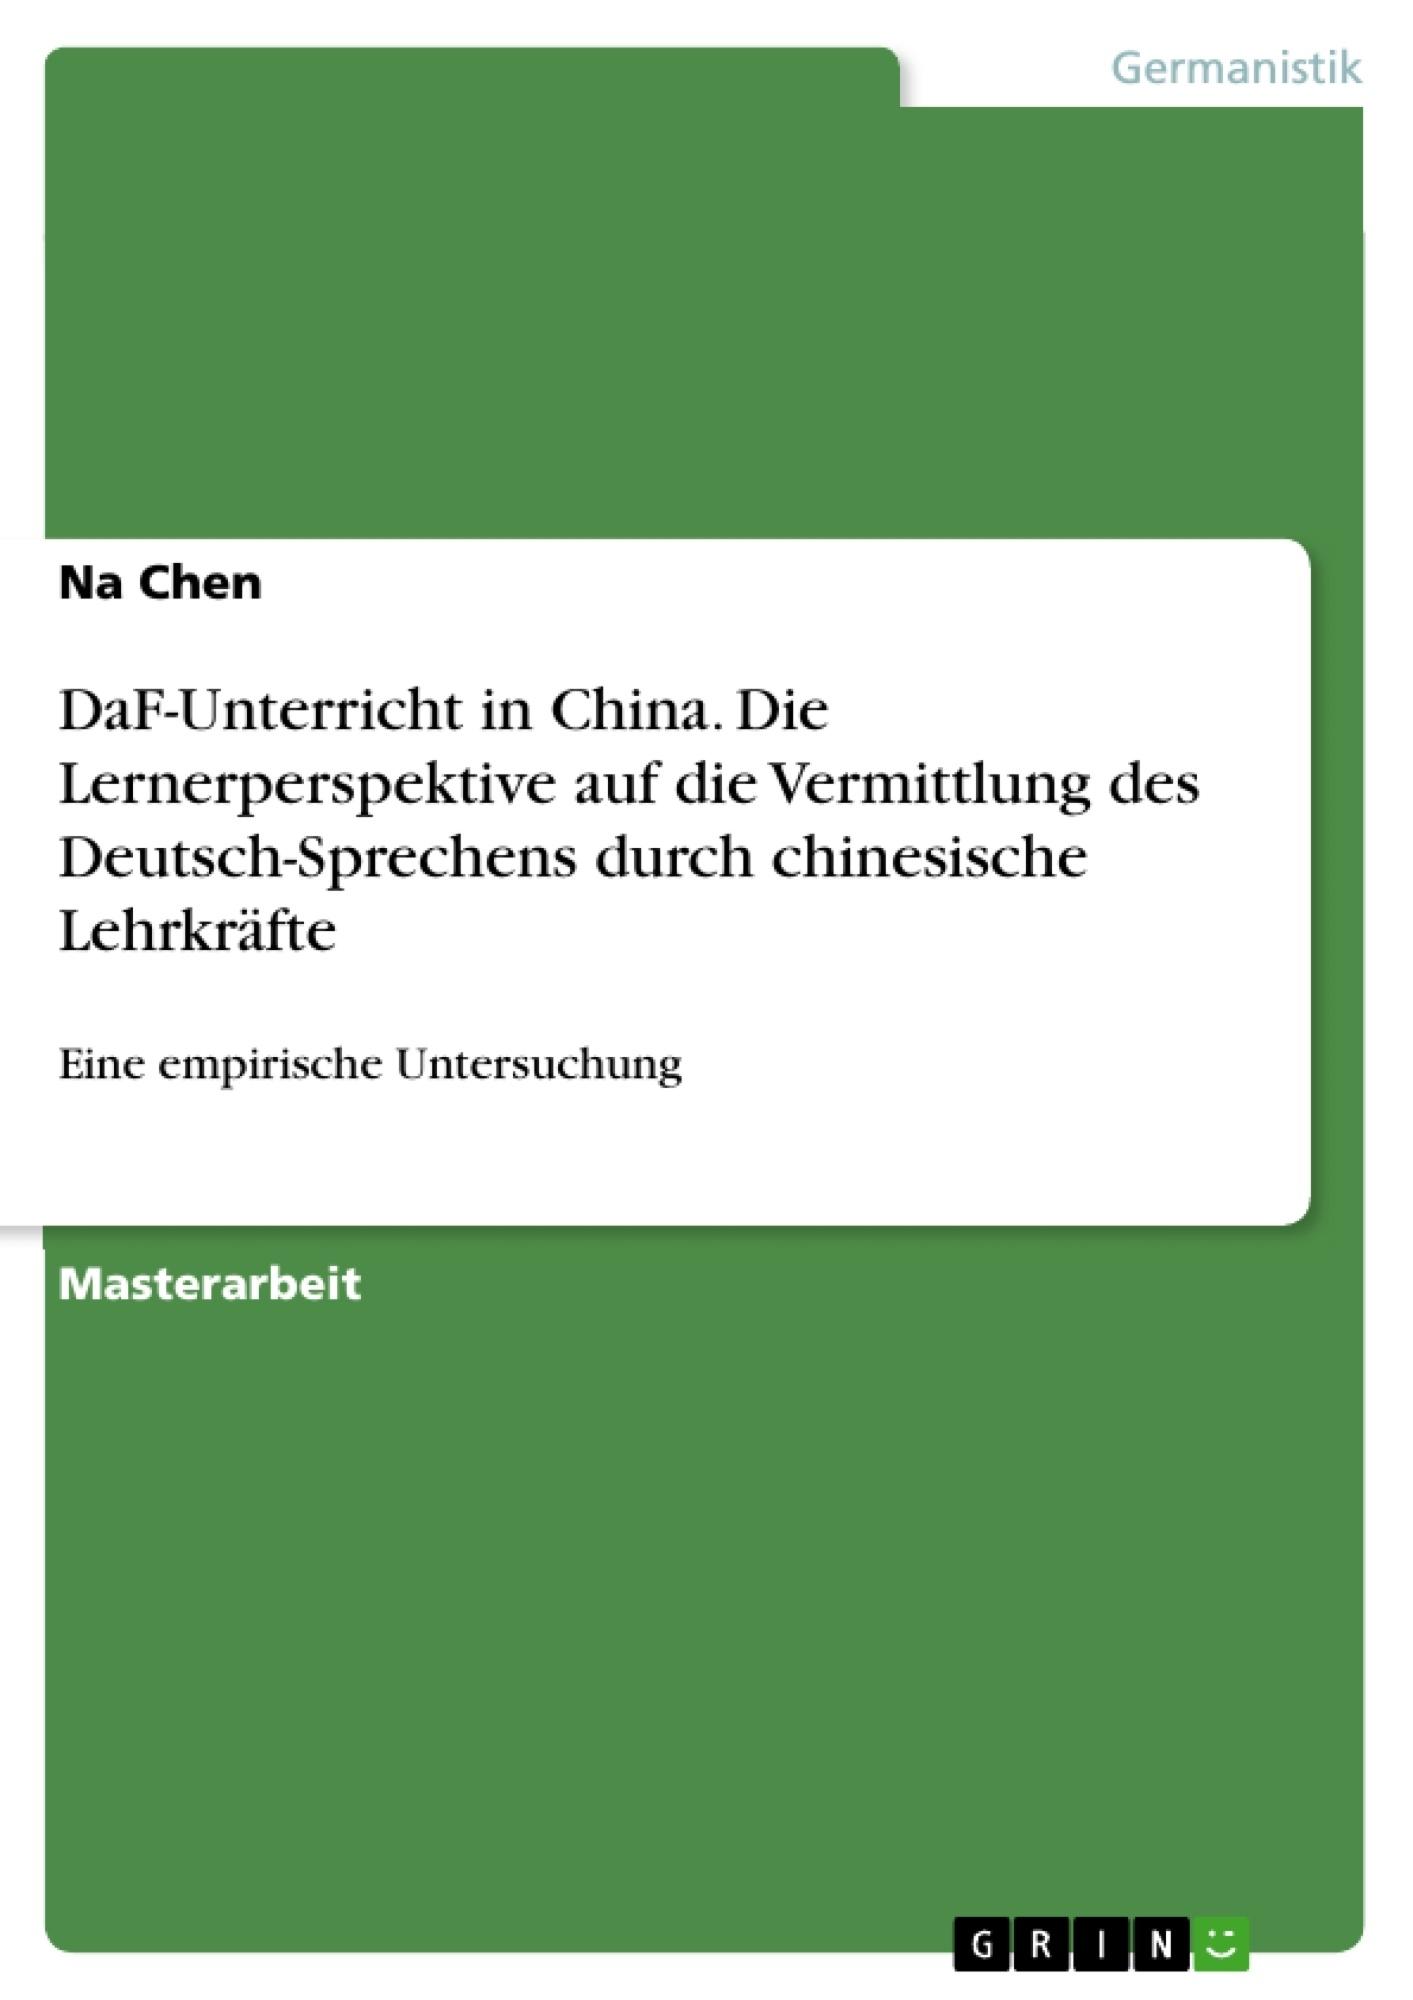 Titel: DaF-Unterricht in China. Die Lernerperspektive auf die Vermittlung des Deutsch-Sprechens durch chinesische Lehrkräfte